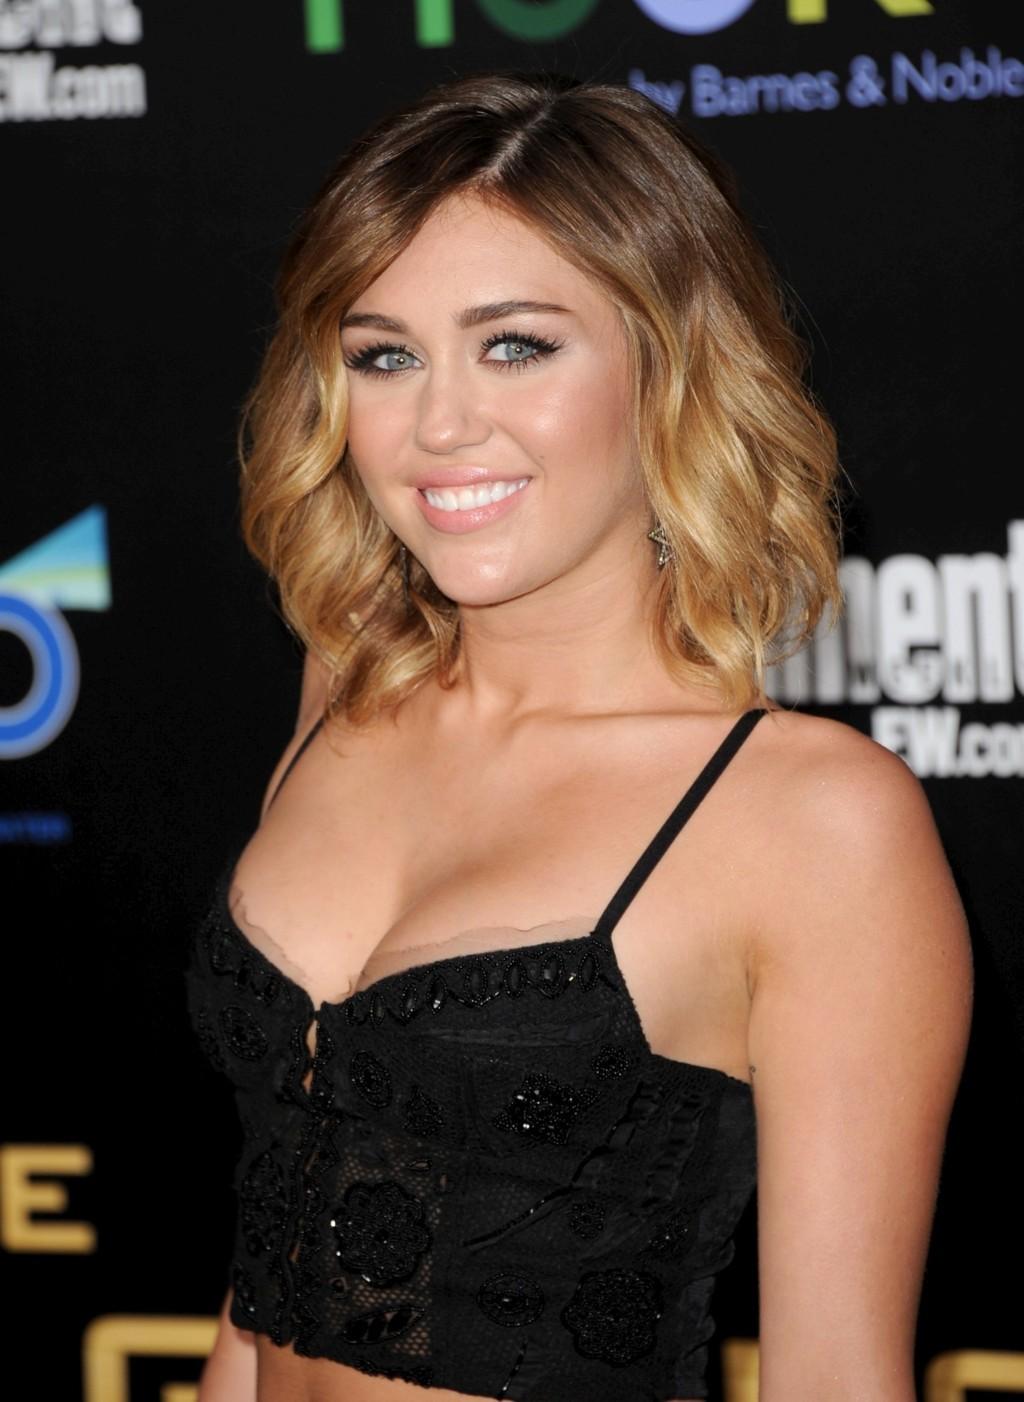 http://3.bp.blogspot.com/-LO1uJ0Nn384/T4ZDFrUc9NI/AAAAAAAABsk/_YFFE31JTsc/s1600/Miley%2BCyrus%2BPremiere%2Bin%2BLos%2BAngeles%2B5.jpg